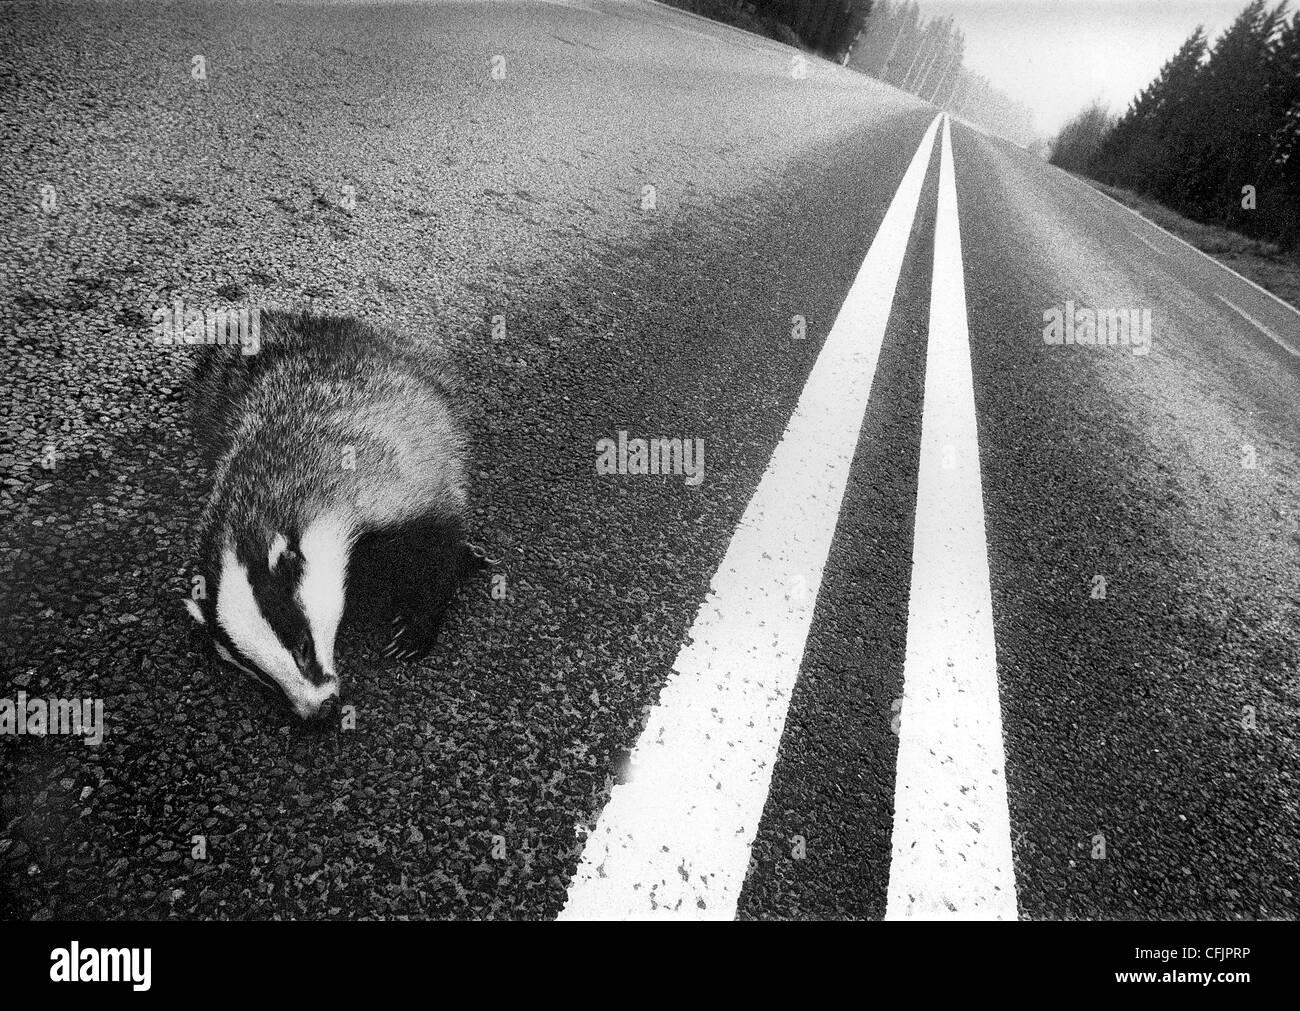 Rayures, blaireau tués sur la route à double voie des lignes, Suède Photo Stock